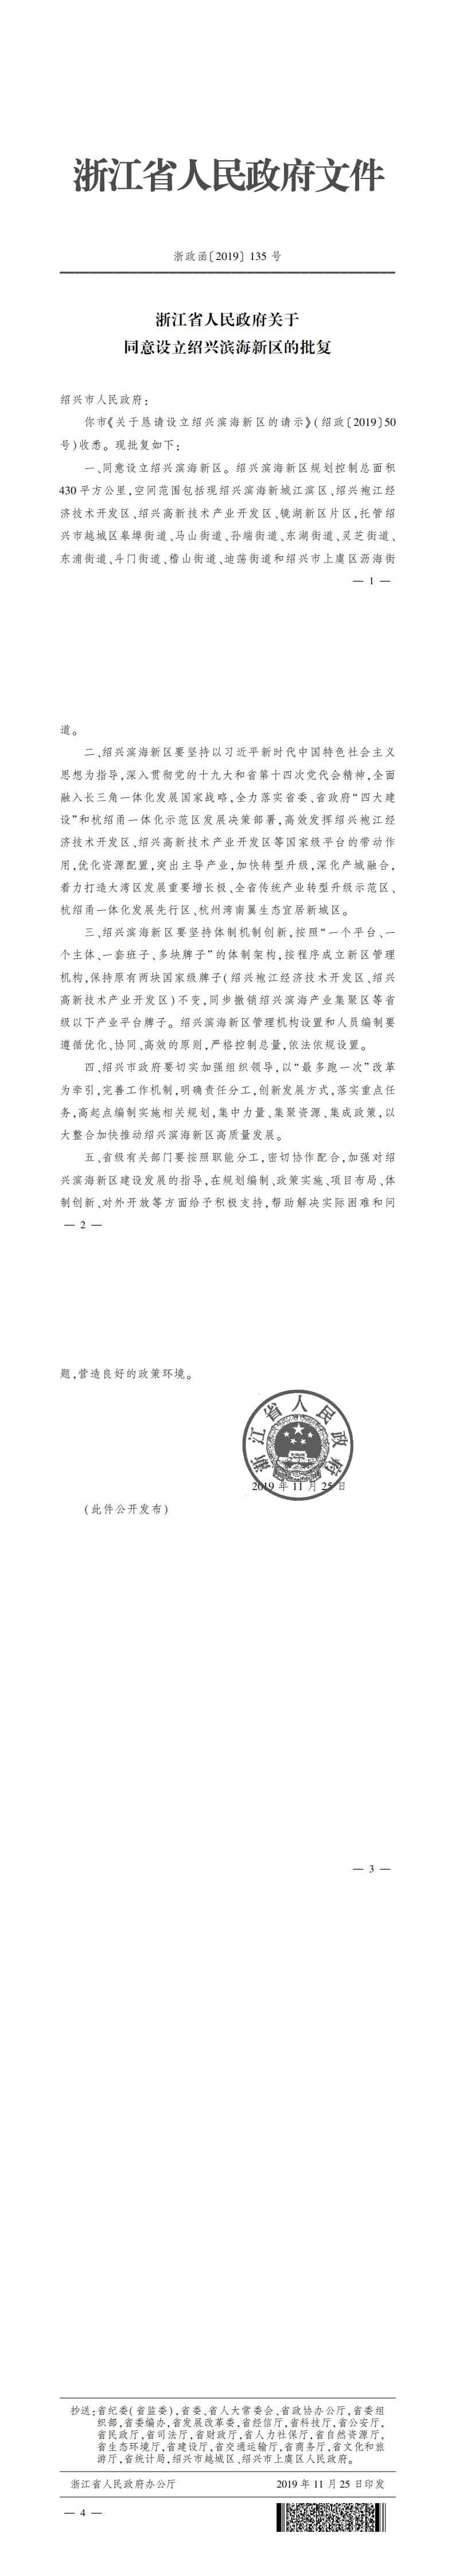 重磅:浙江省政府批复同意设立绍兴滨海新区